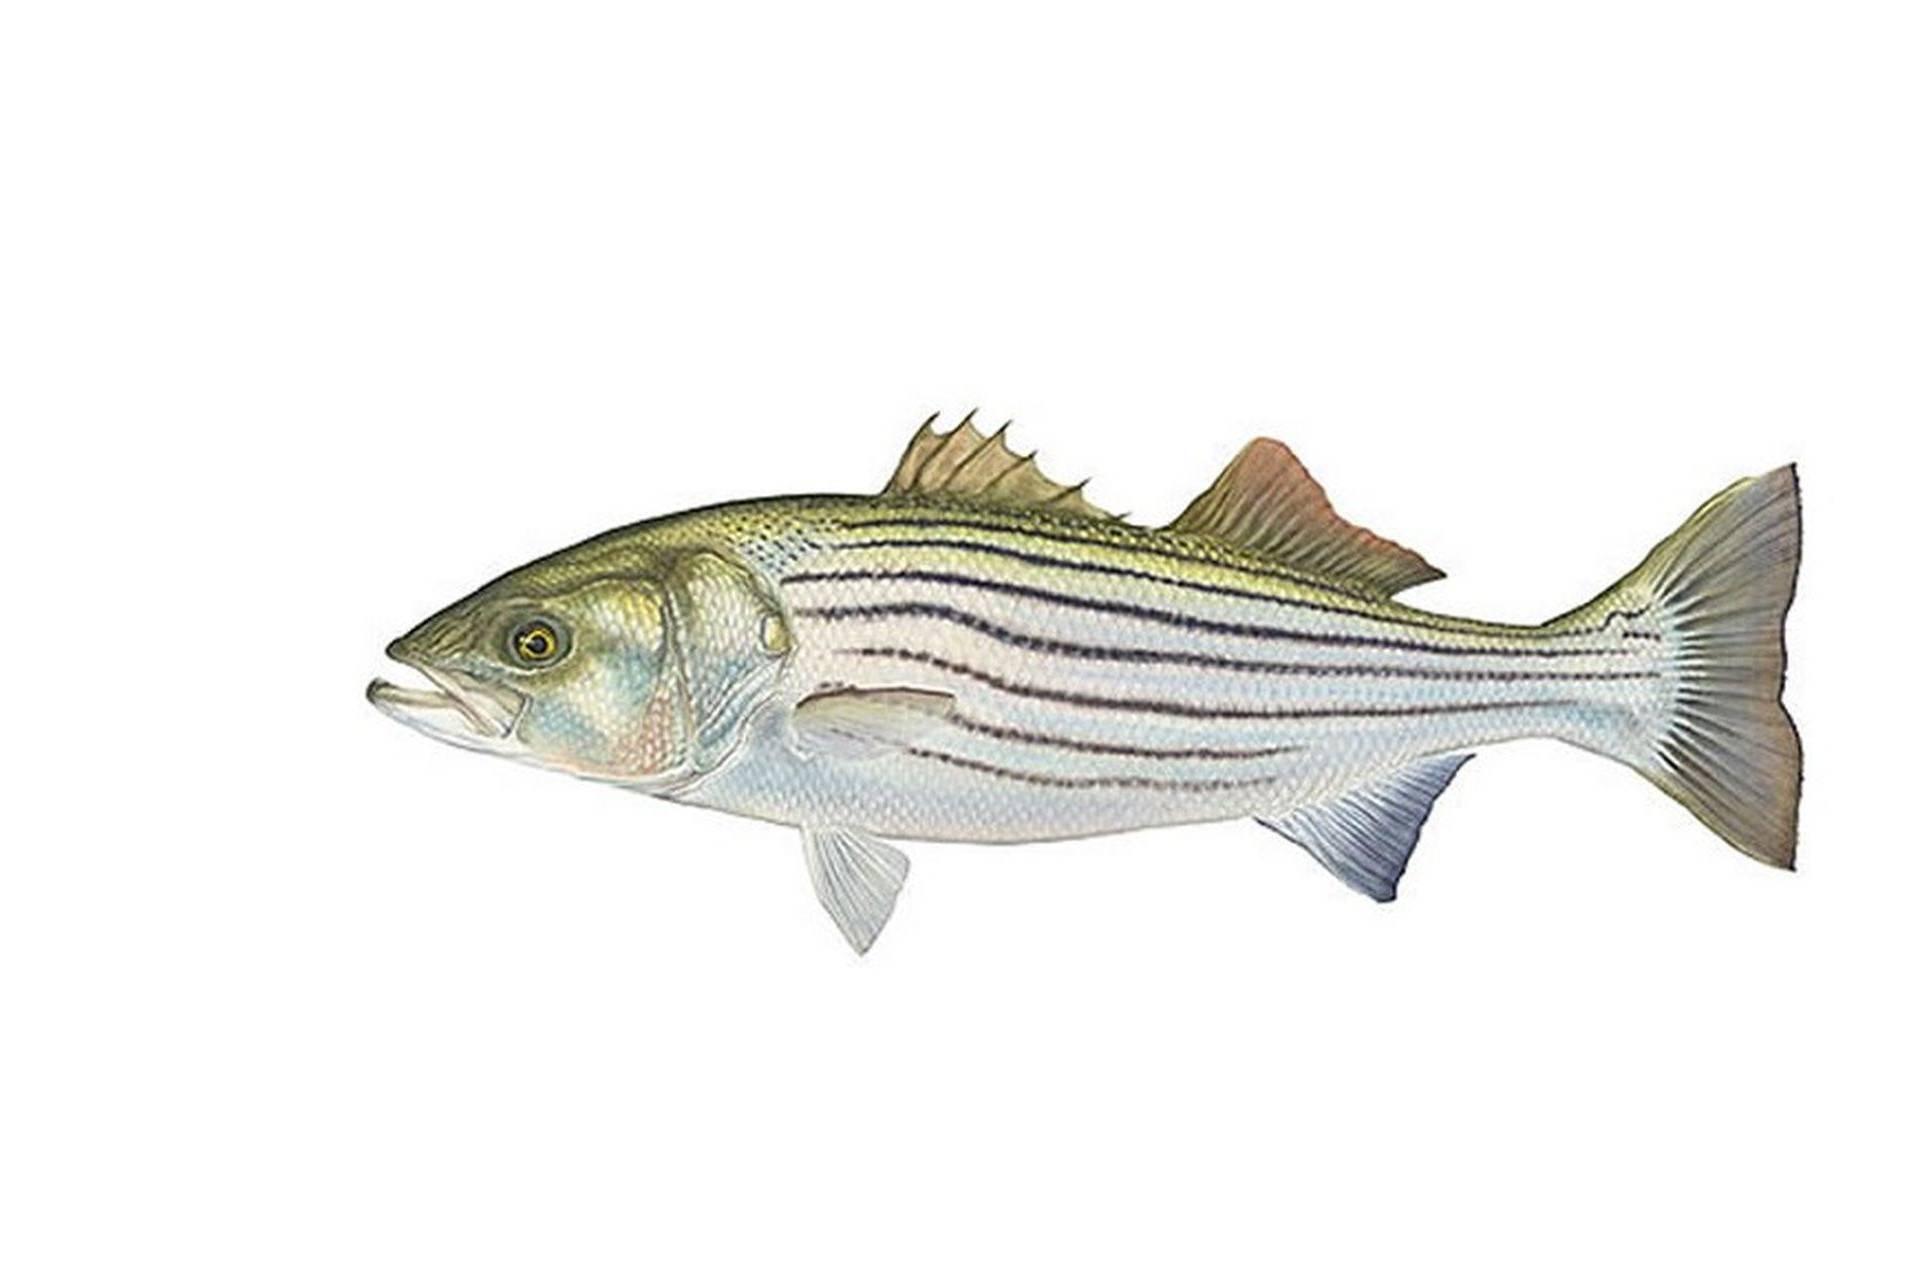 Рыба басс: краткое описание, среда обитания, особенности и свойства